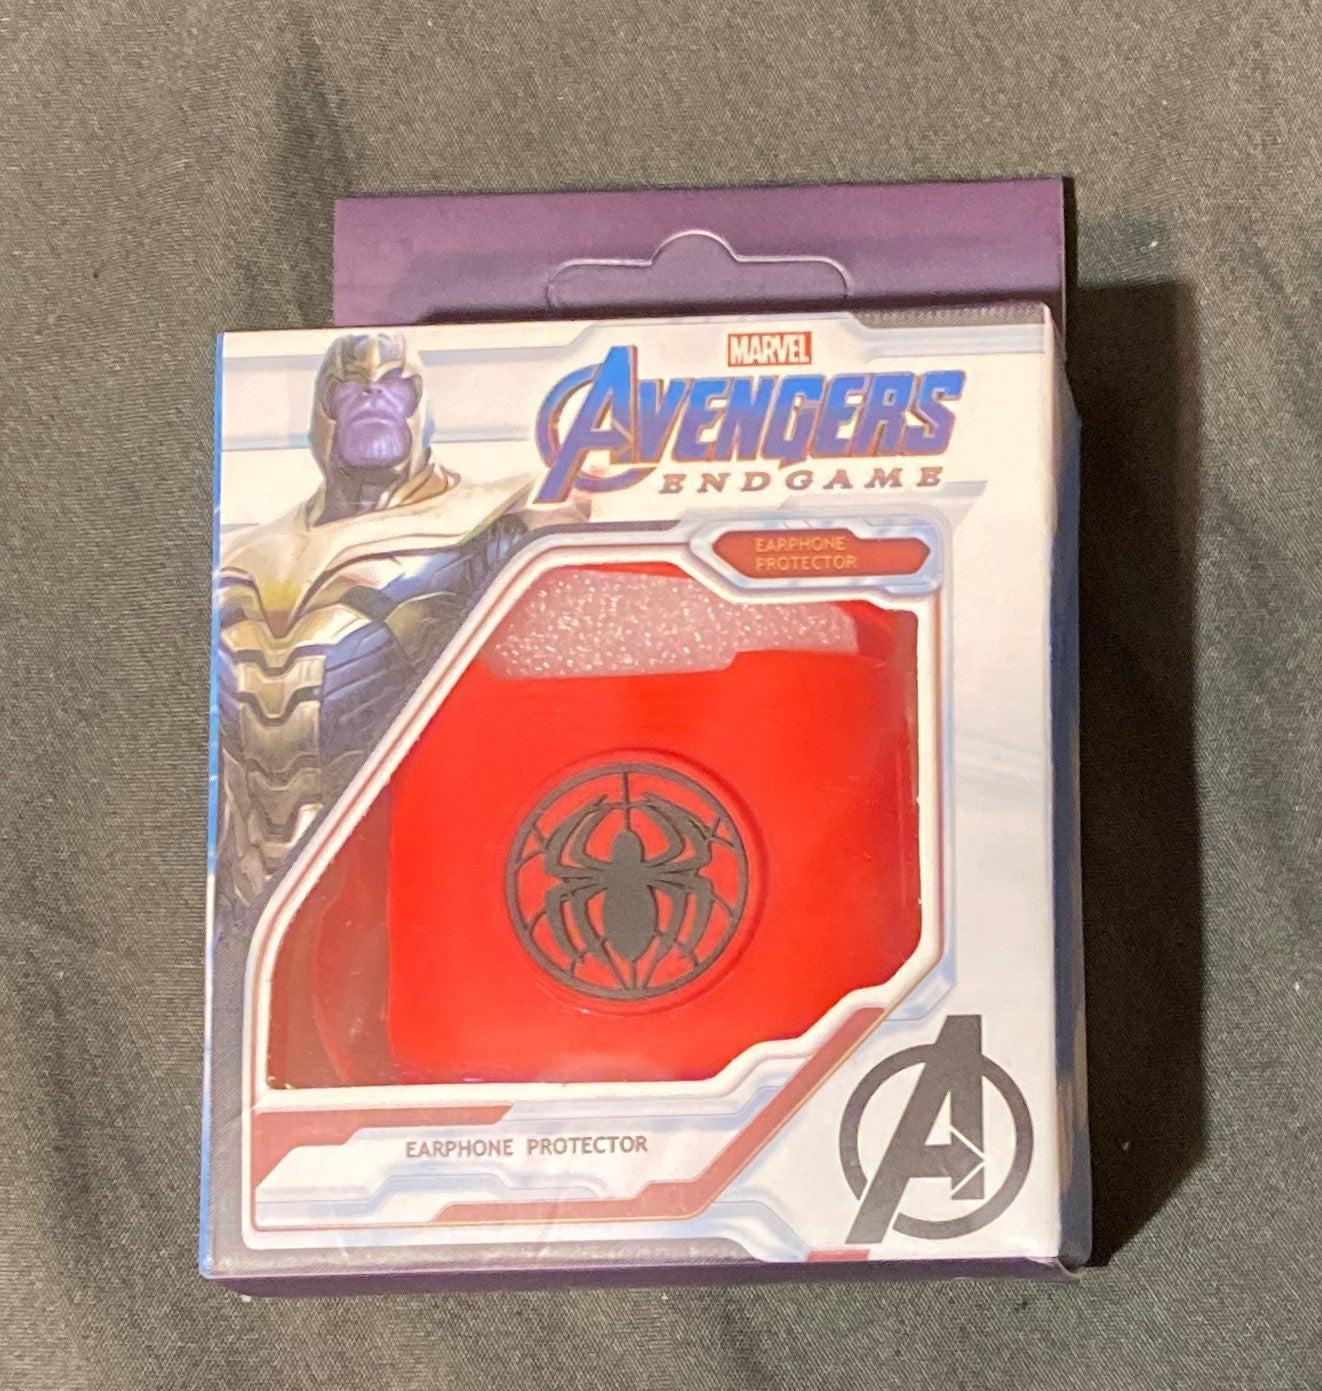 Spider-Man airpod case